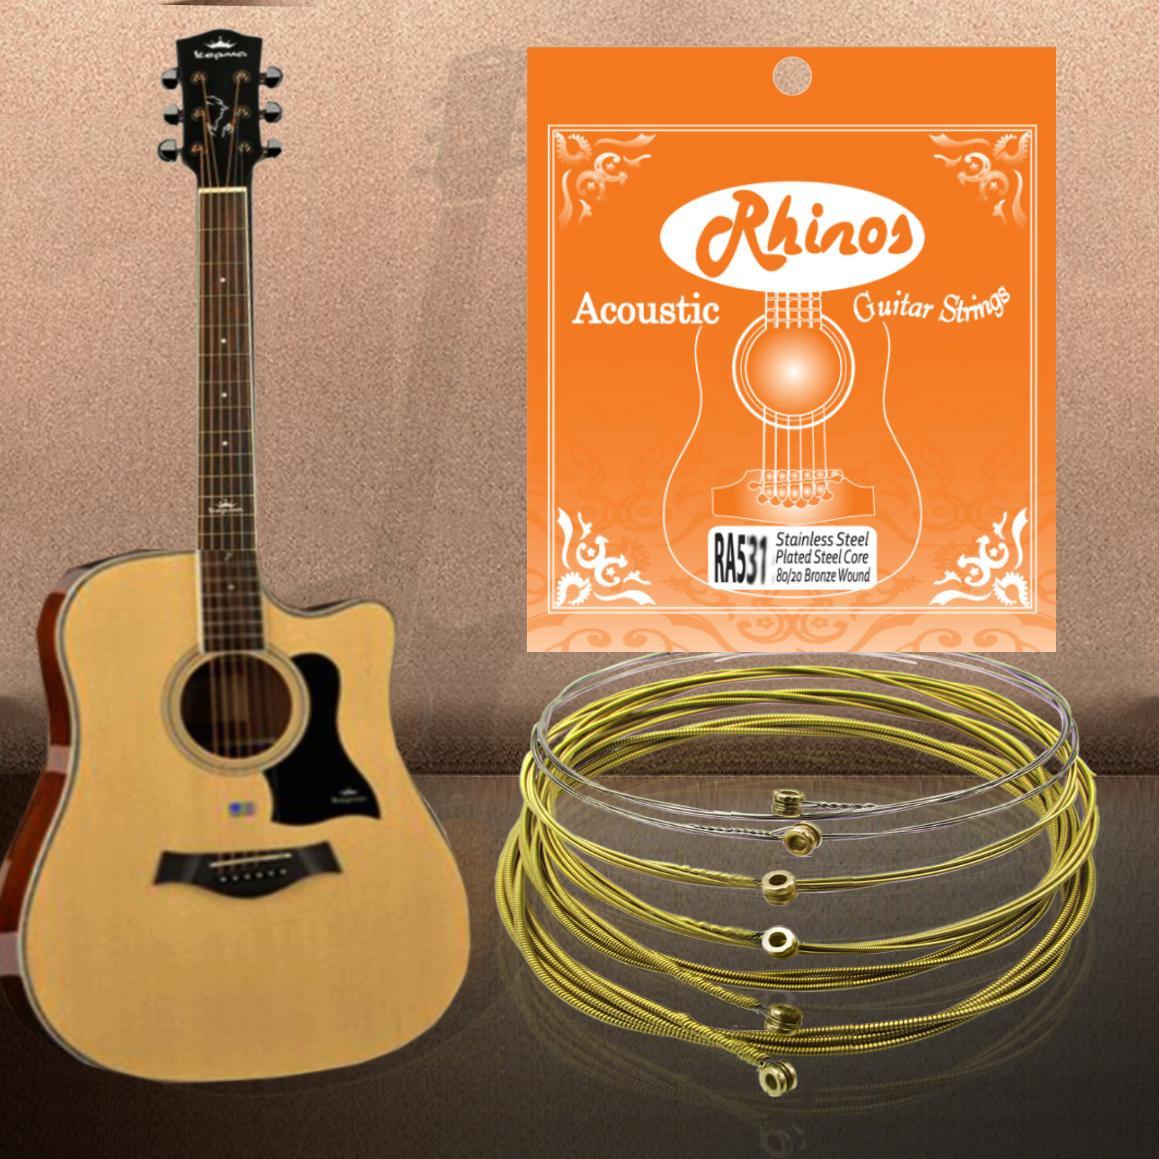 Rhinos RA531SL Акустическая гитарная струна Медная рана Super Light Tension.011-.052